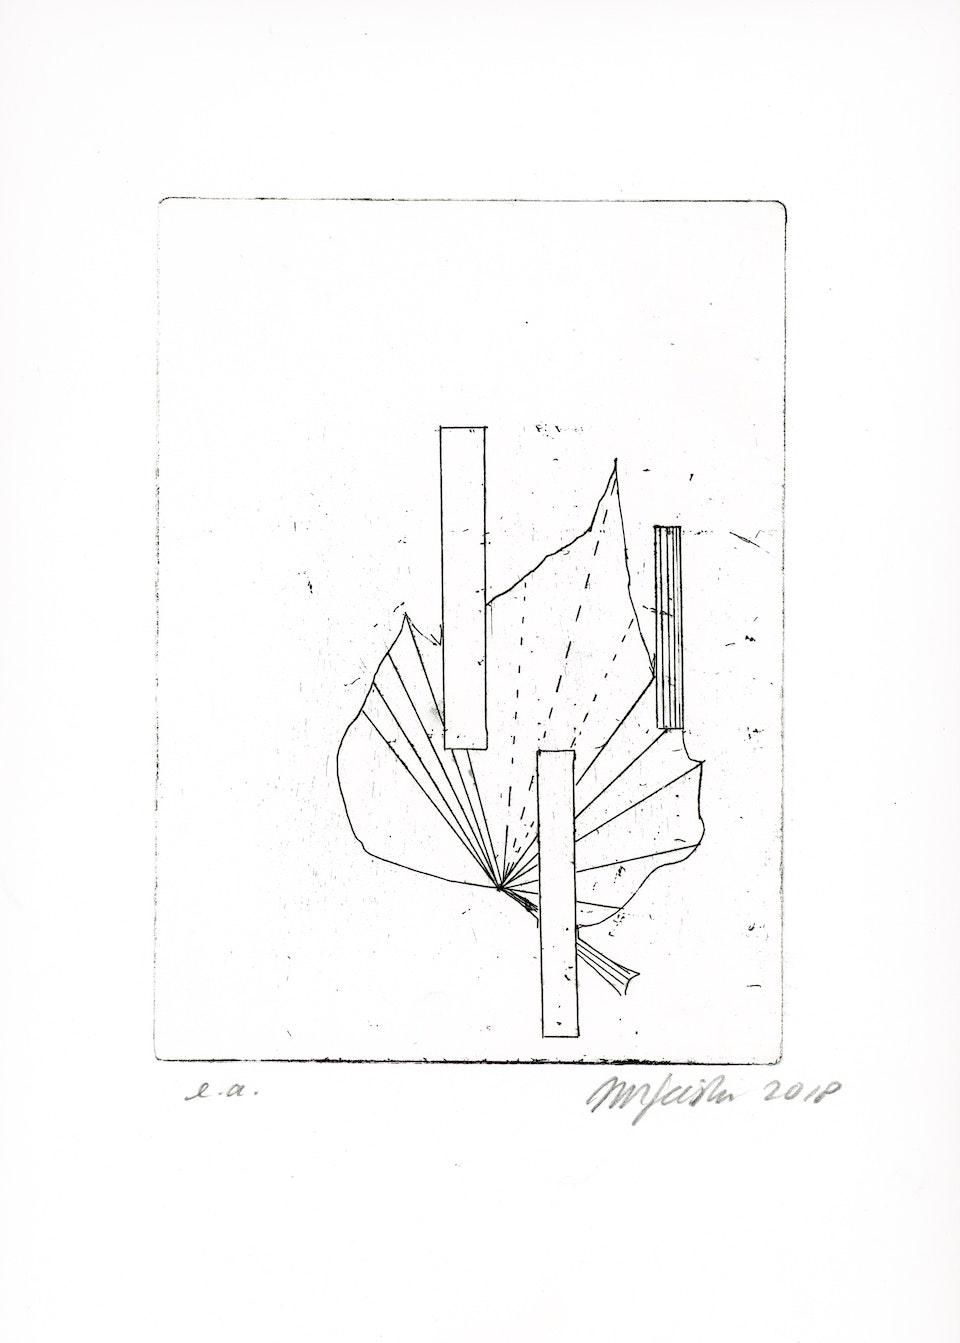 blad klimop-7 -